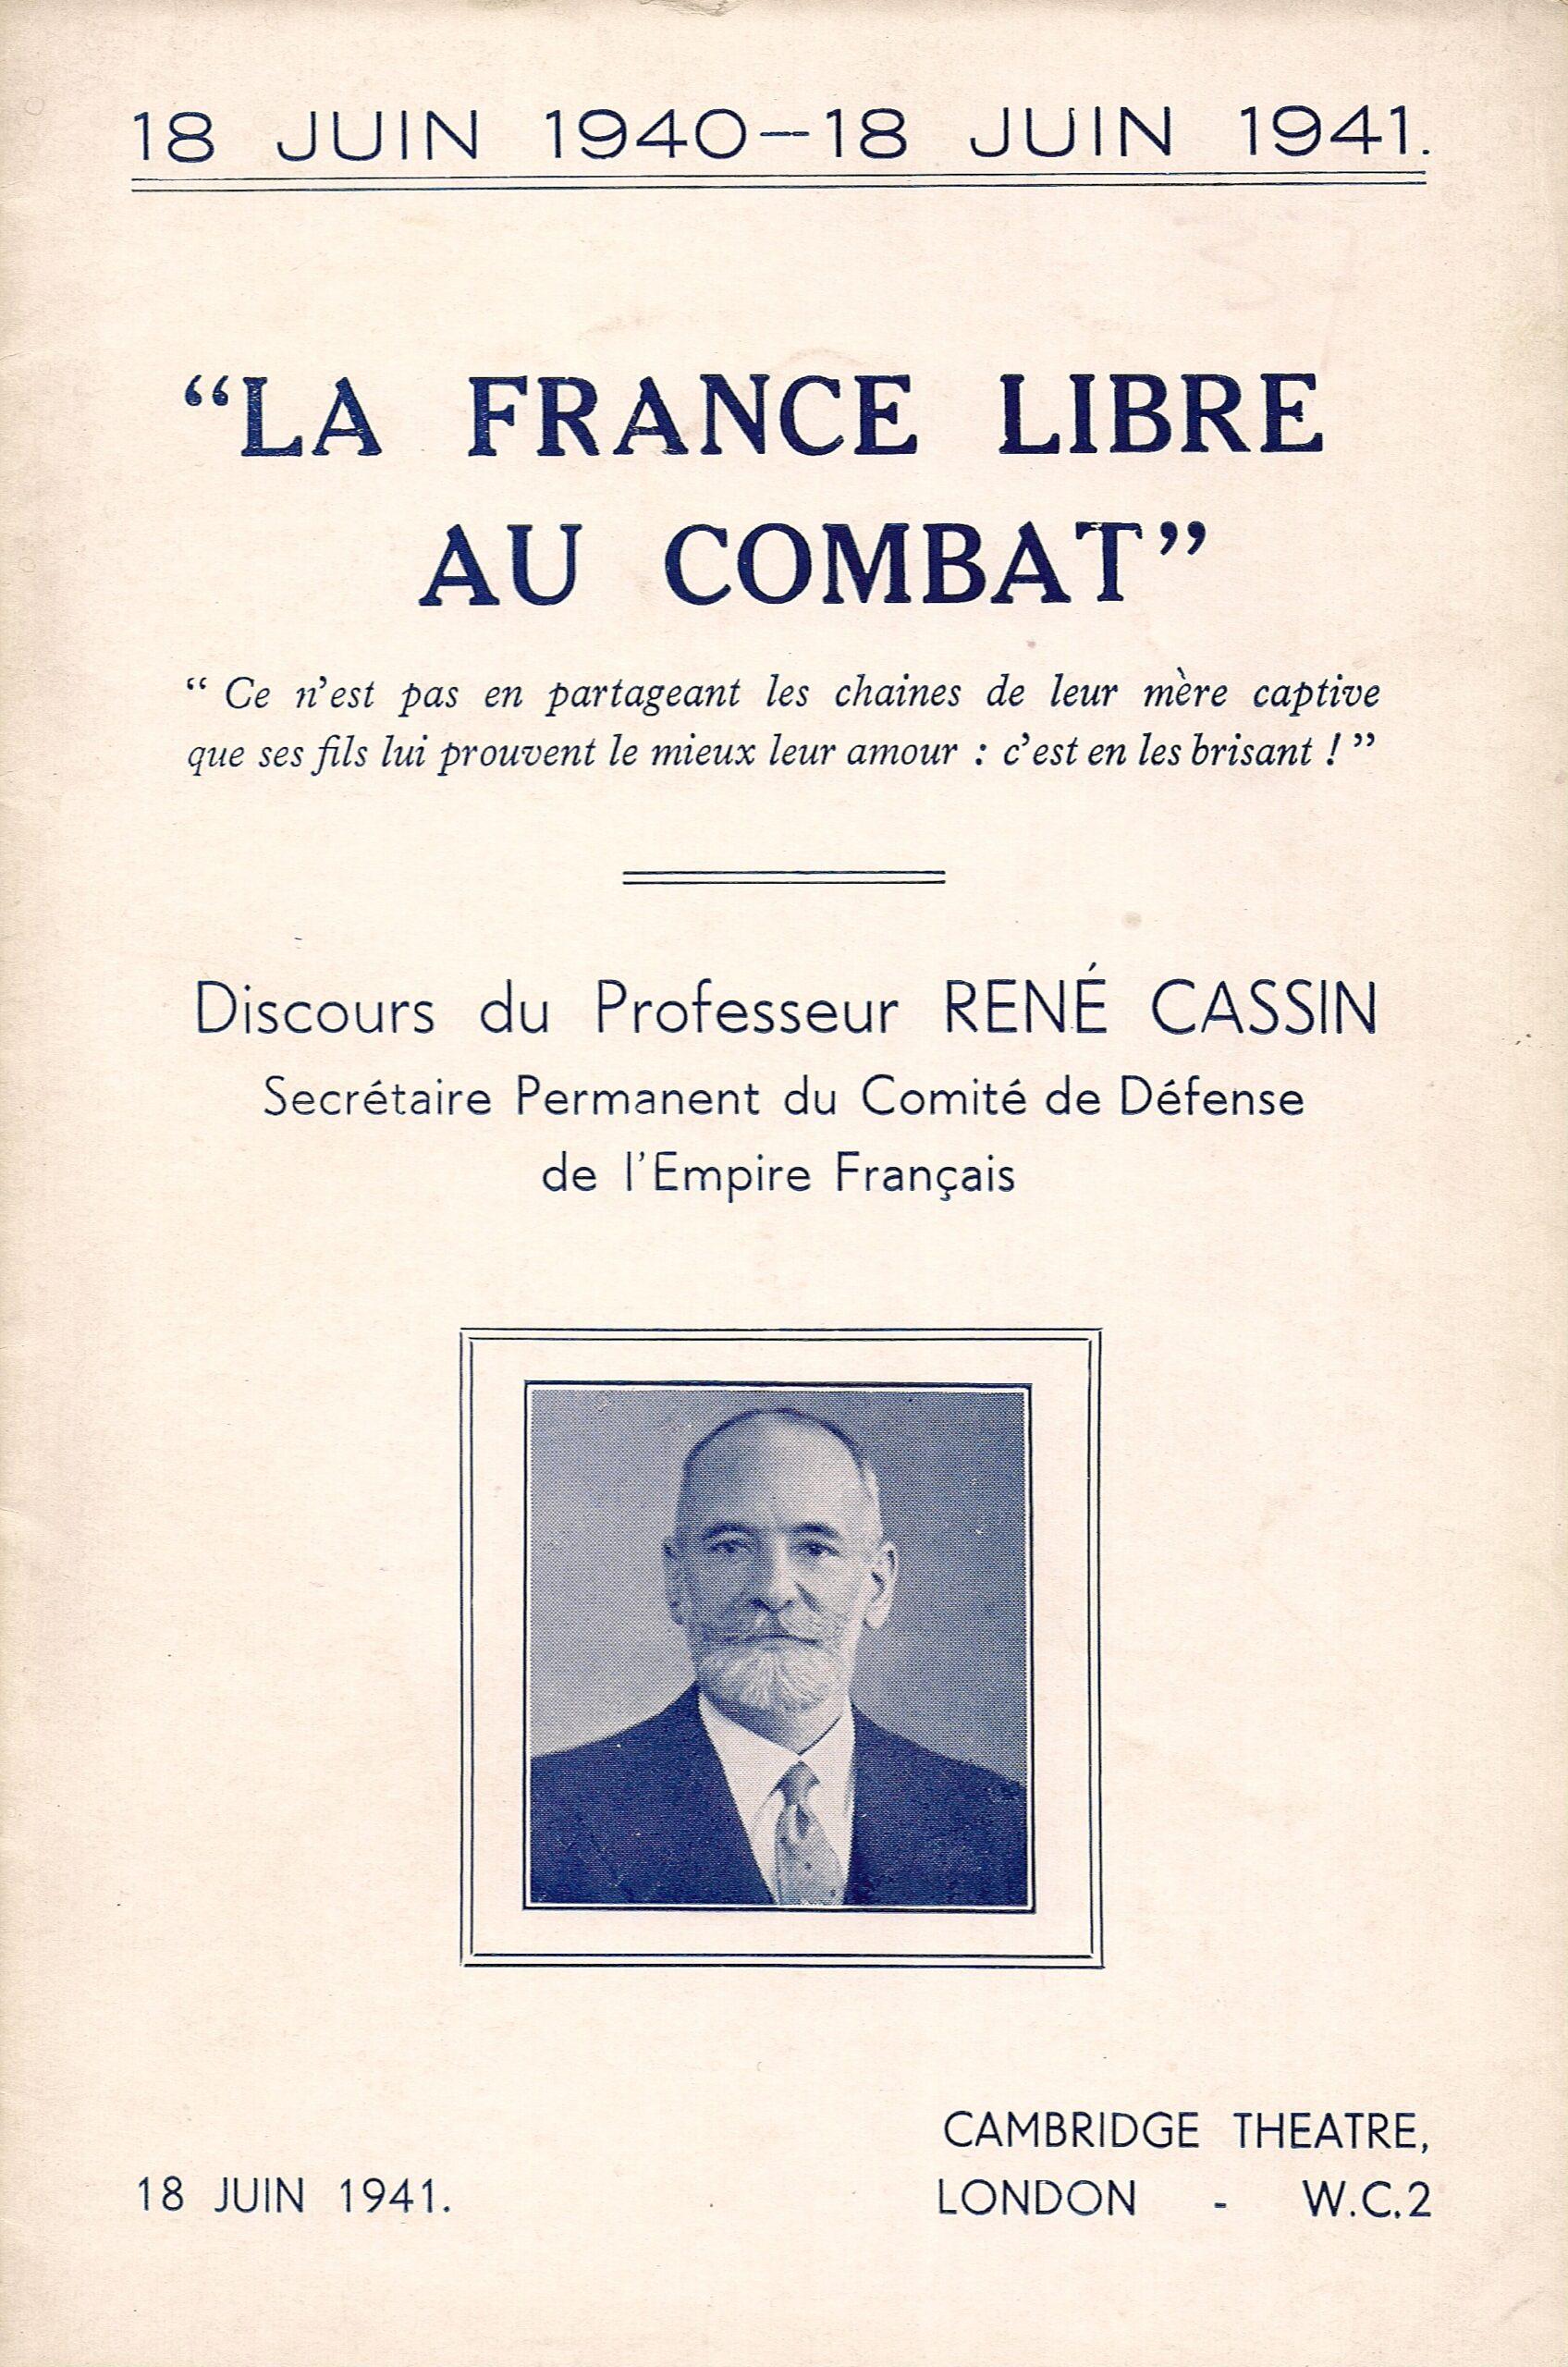 La France Libre au combat